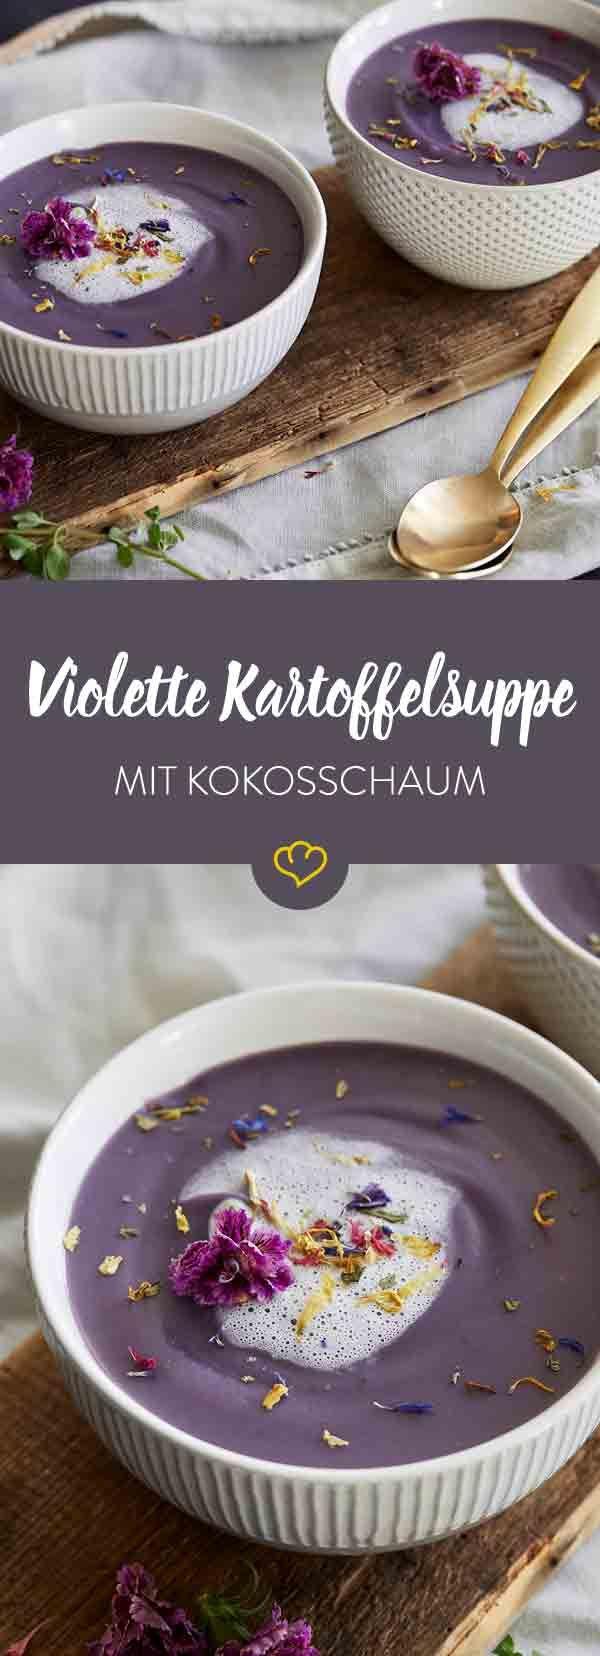 So einfach und doch so extravagant. Violette Kartoffeln, exotischer Kokosschaum und essbare Blüten verwandeln deinen Suppenteller in ein buntes Wunderland.